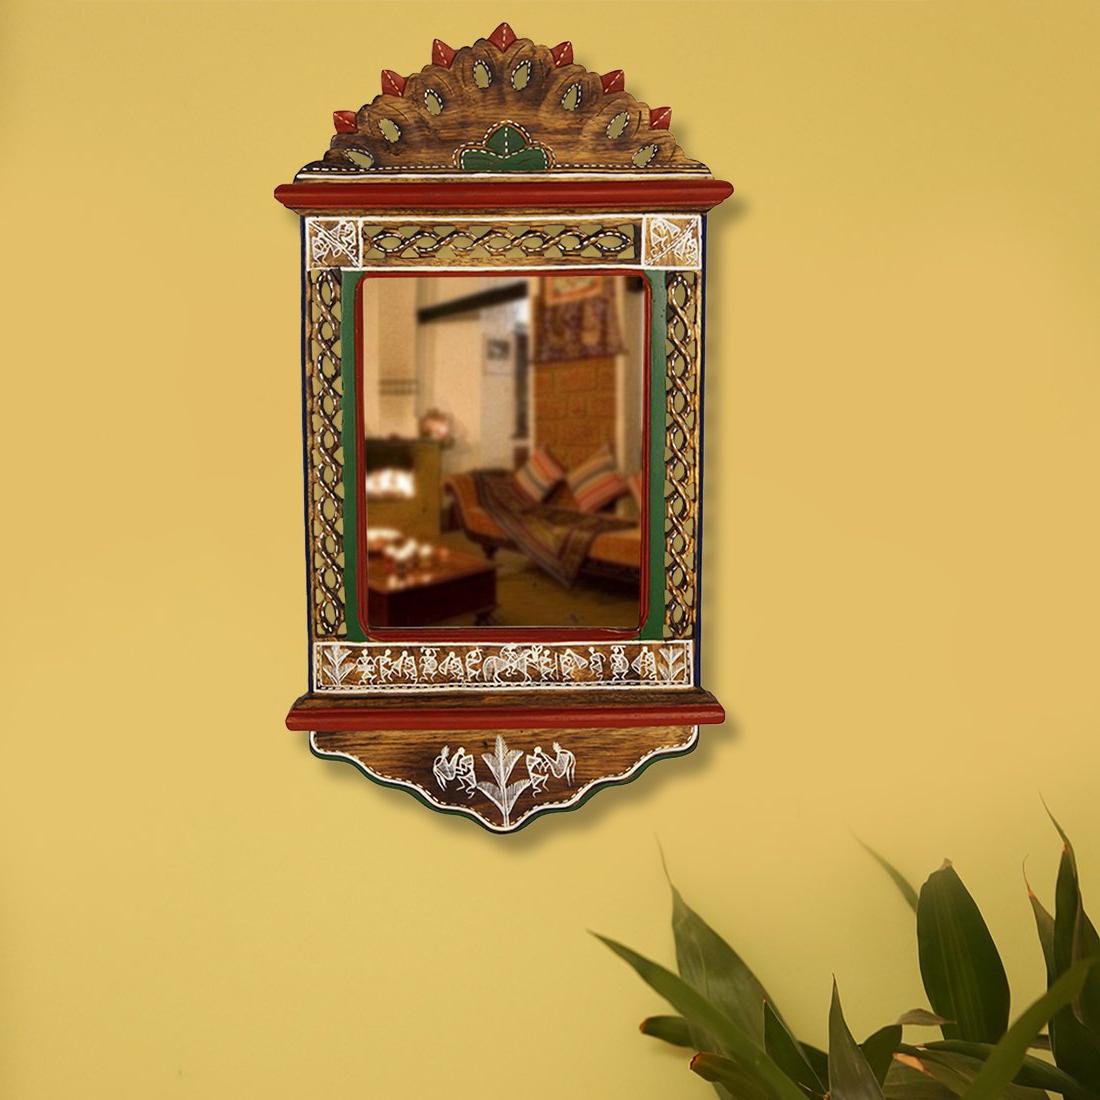 Exclusivelane Ethnic Wall Mirror With Warli Art: Amazon.co (View 17 of 20)